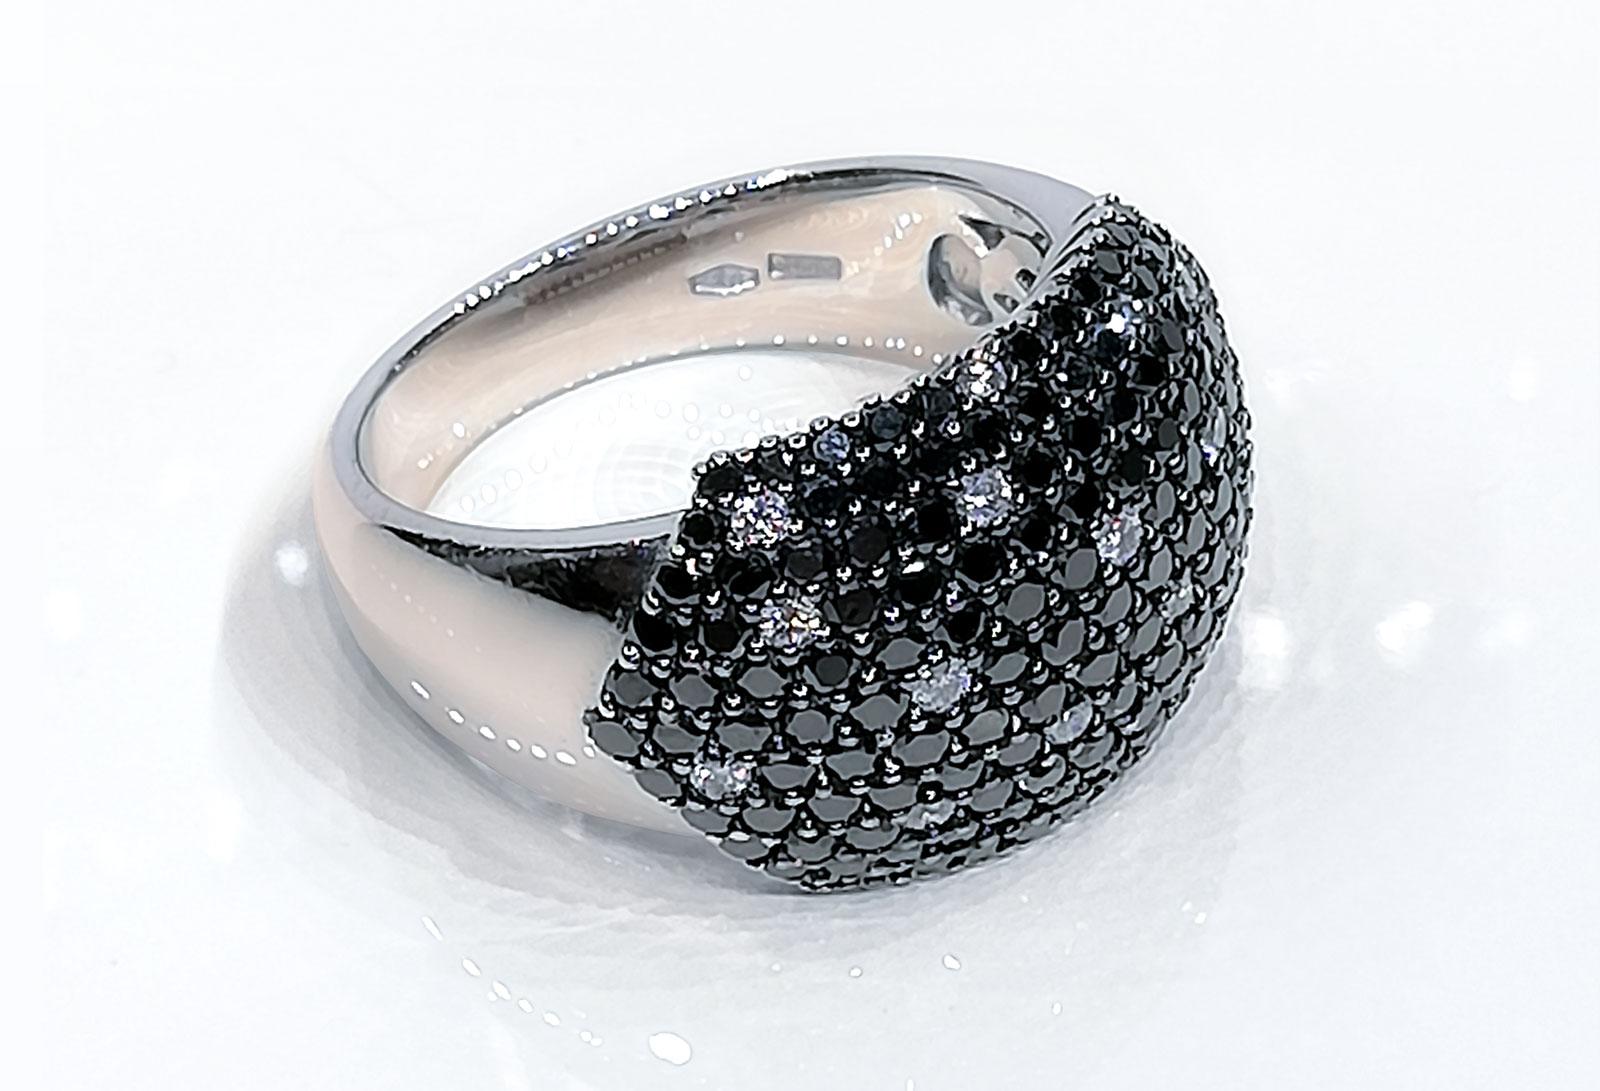 Anello Pavè in oro bianco con pavè di diamanti neri e bianchi